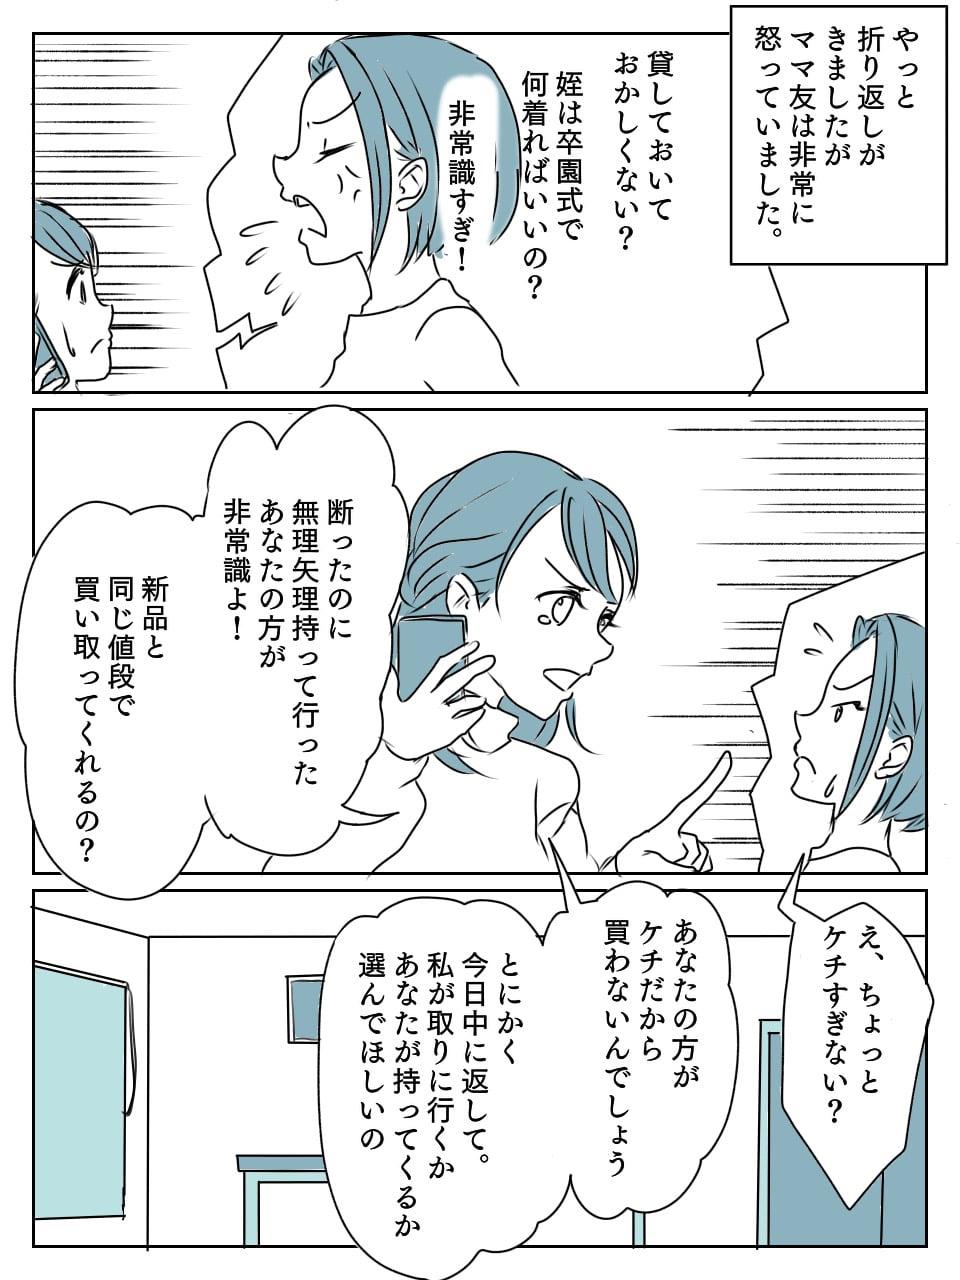 【後編】ママ友が非常識すぎる!「貸せない」と断っているのに!